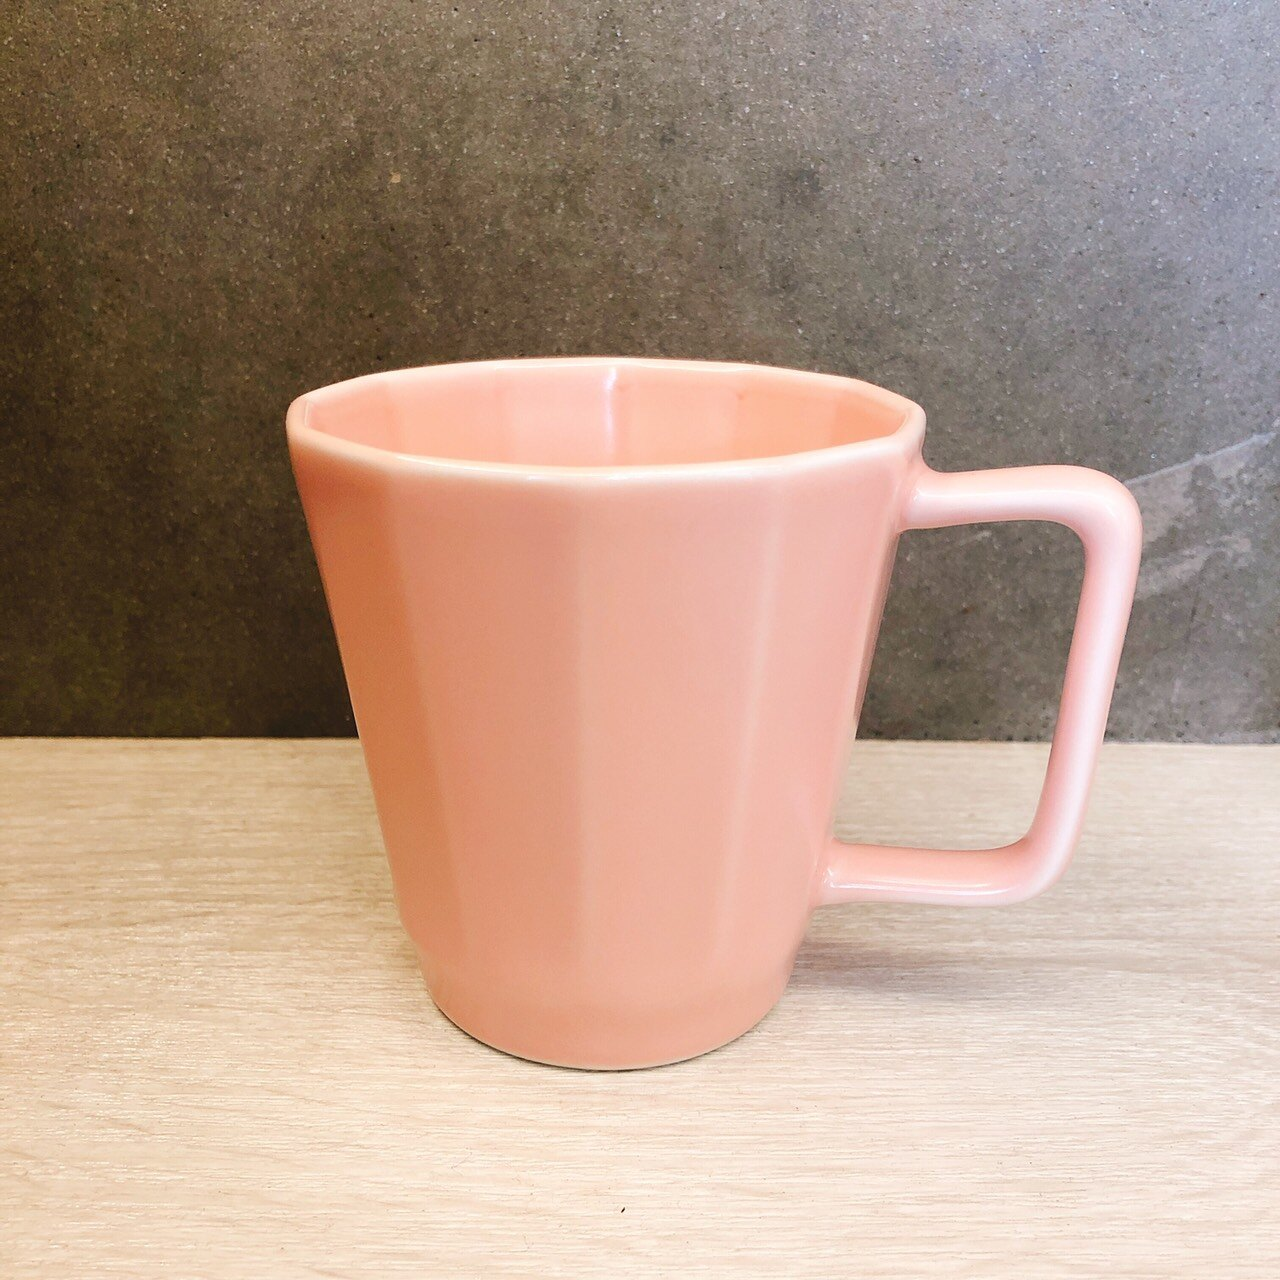 【馬克杯】【重山陶器】12面釉燒馬克杯